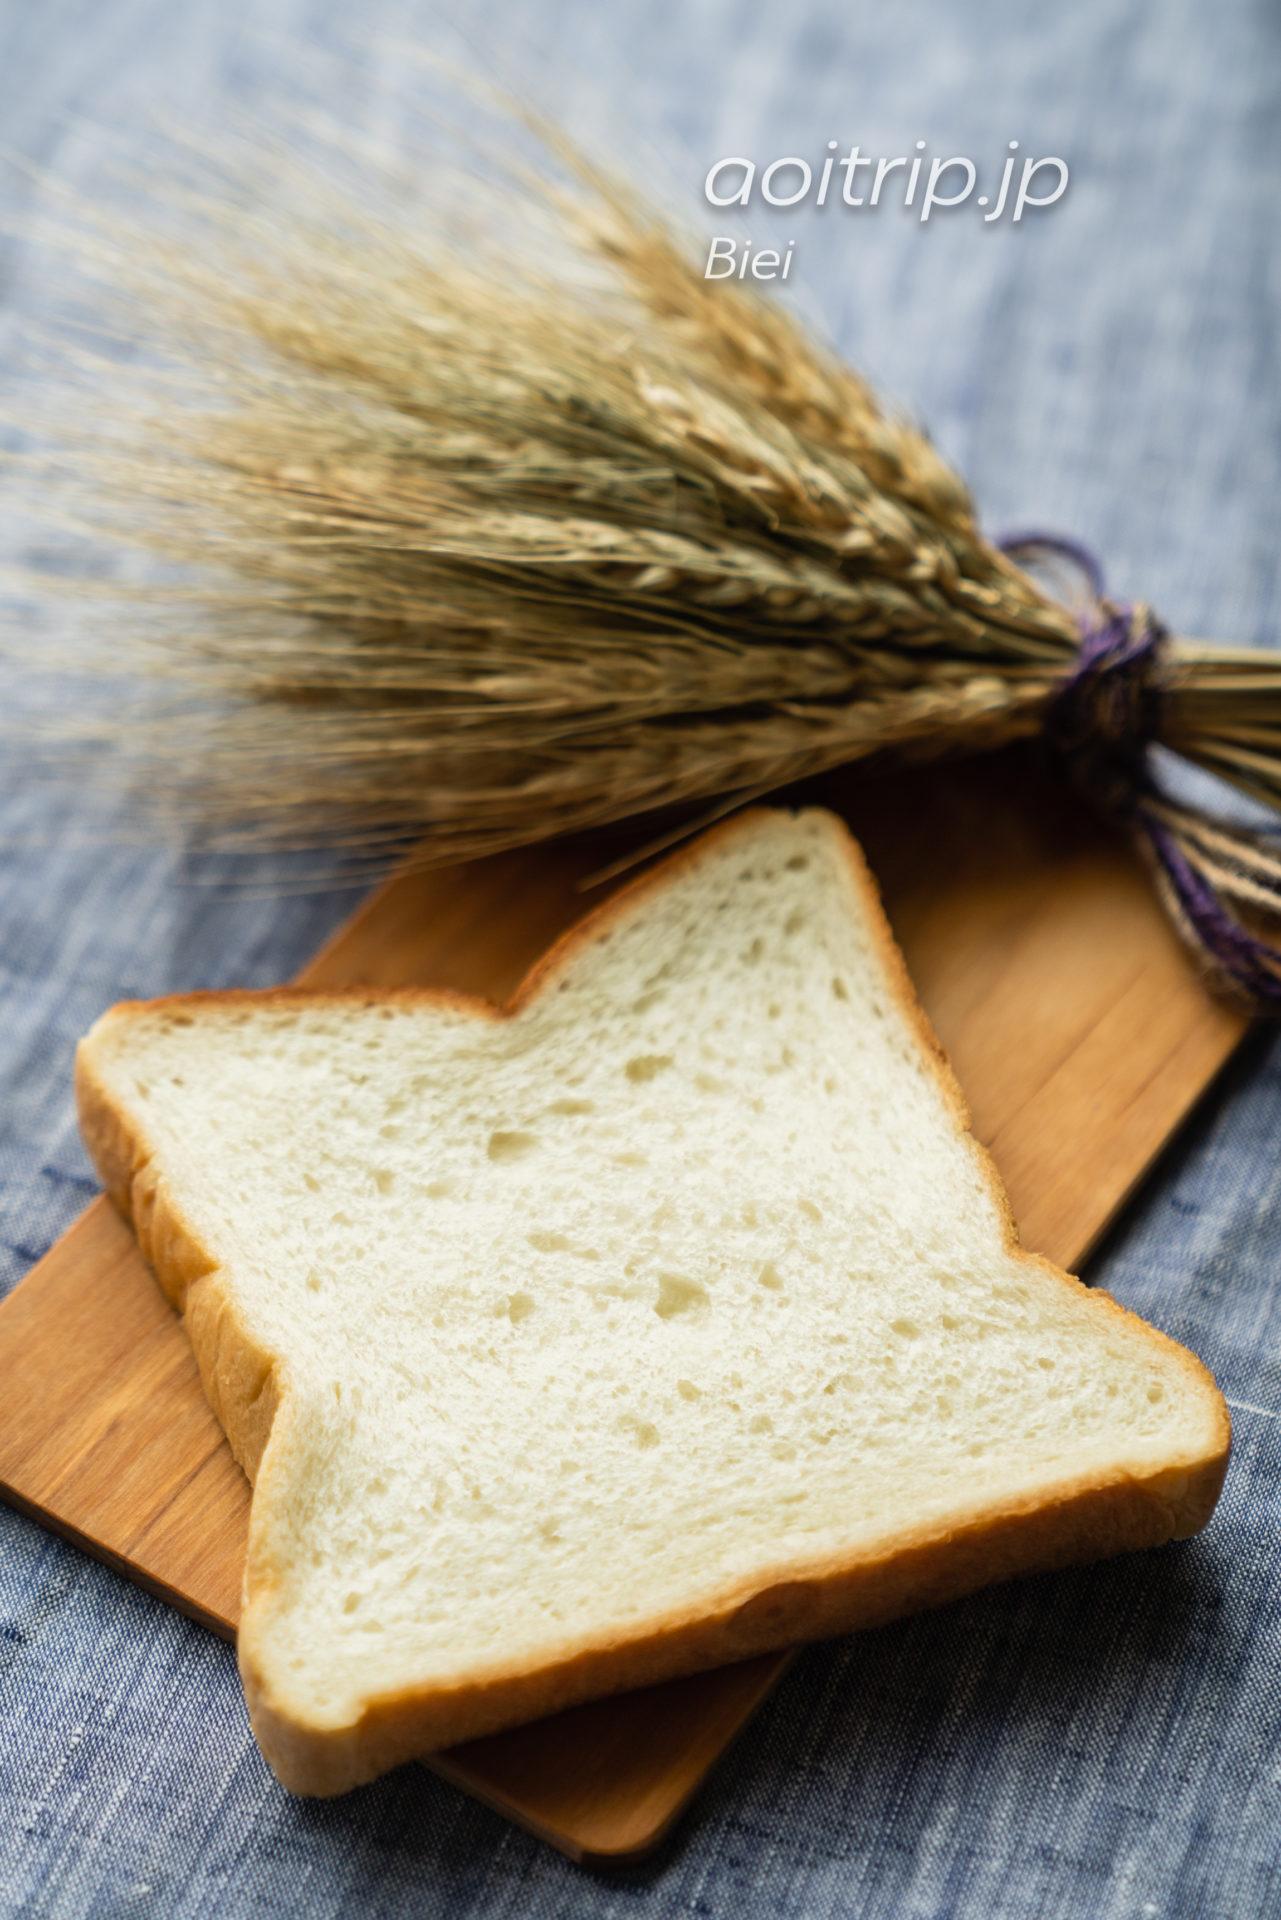 美瑛選果の美瑛ゆめちから食パン